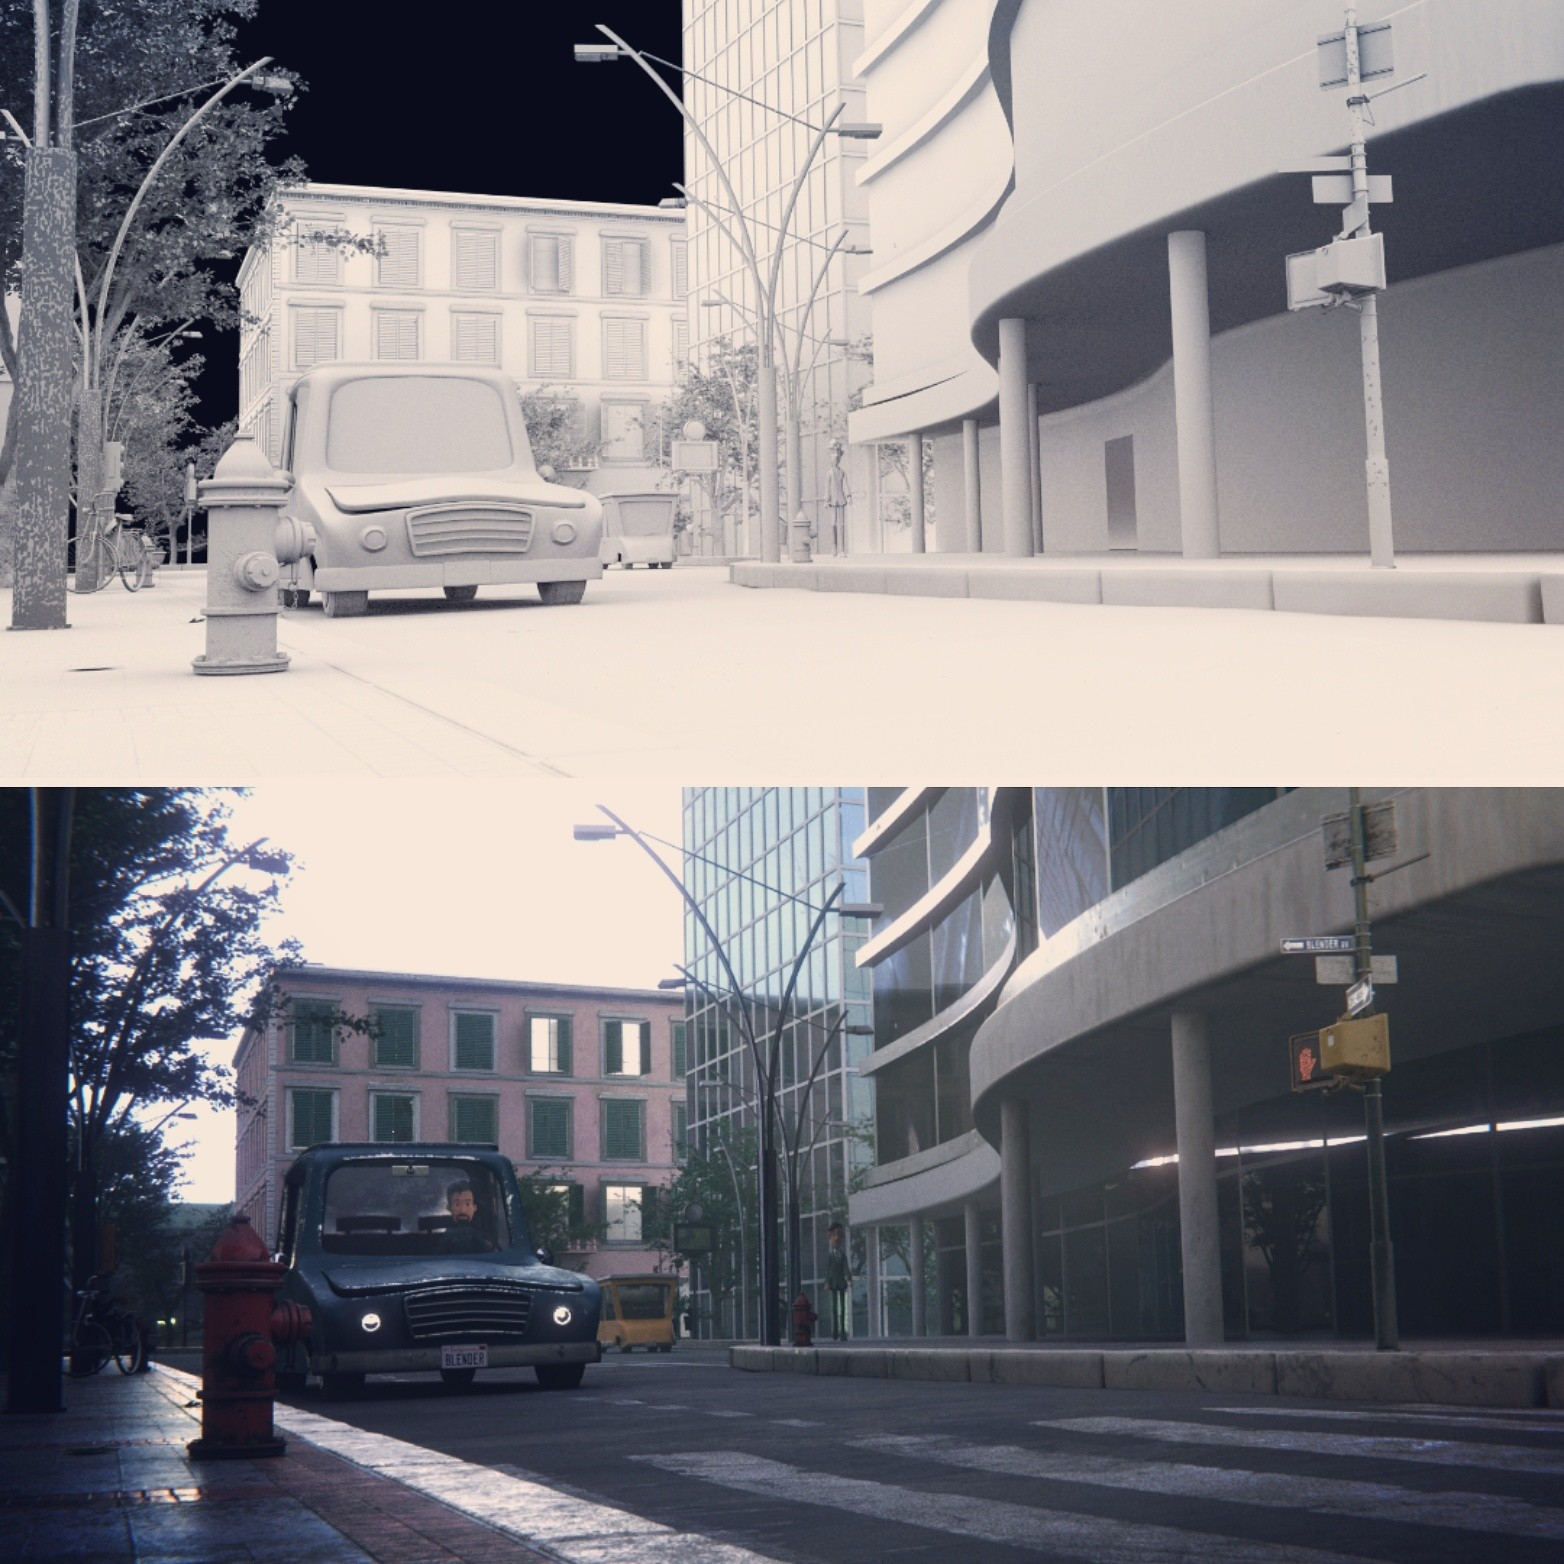 FIRST LOOK at street final shot